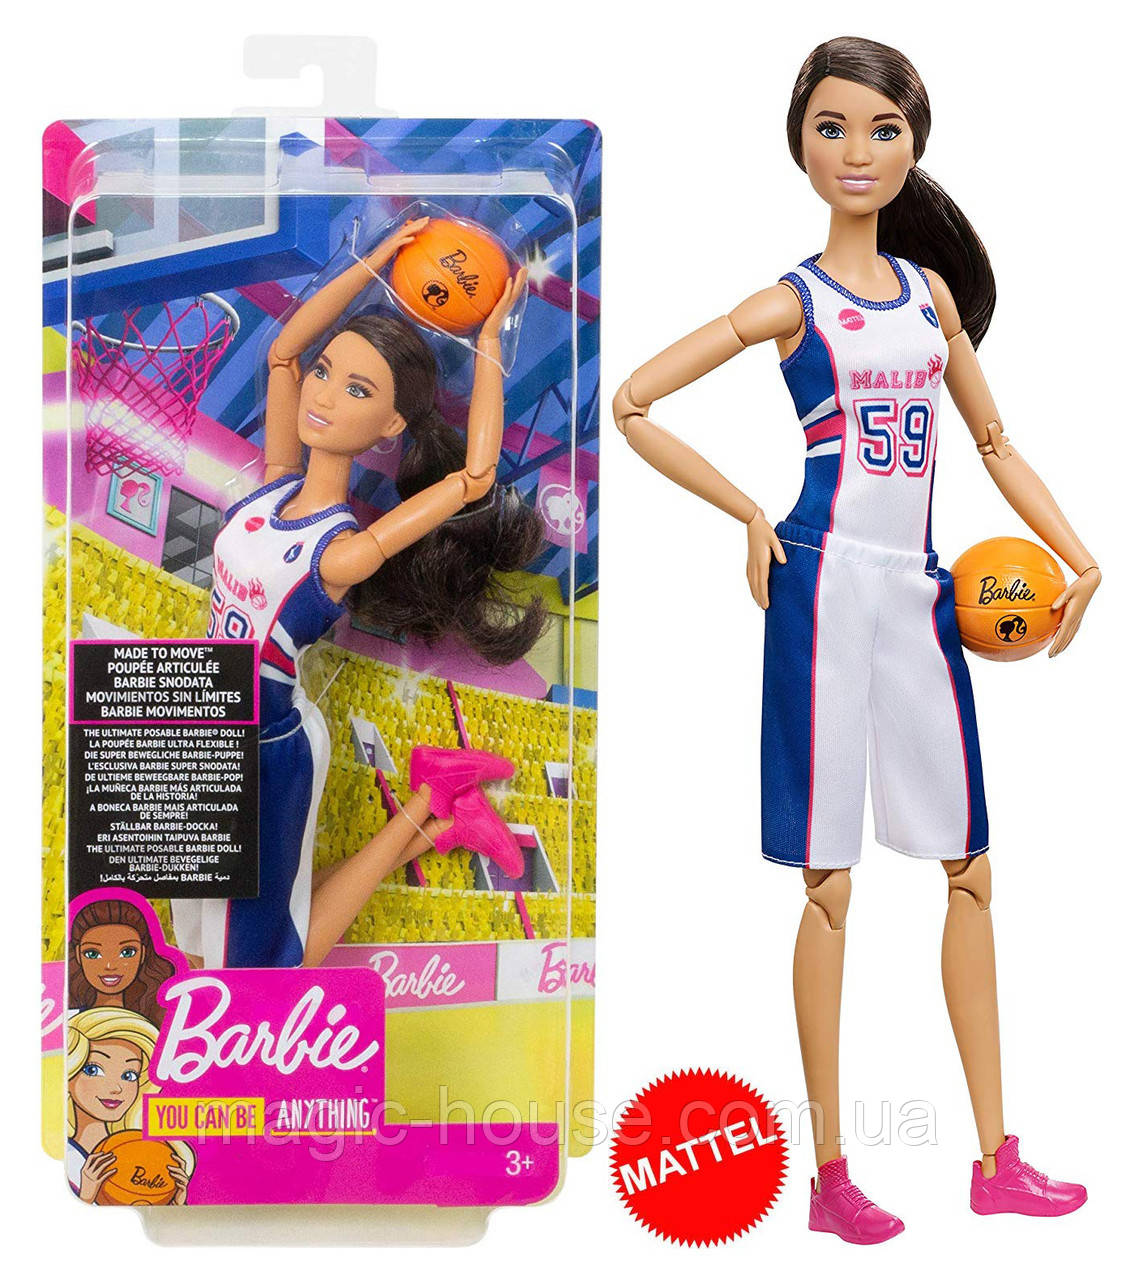 Кукла Барби БаскетболисткаBarbie Made to Move Basketball Player Doll оригинал от Mattel